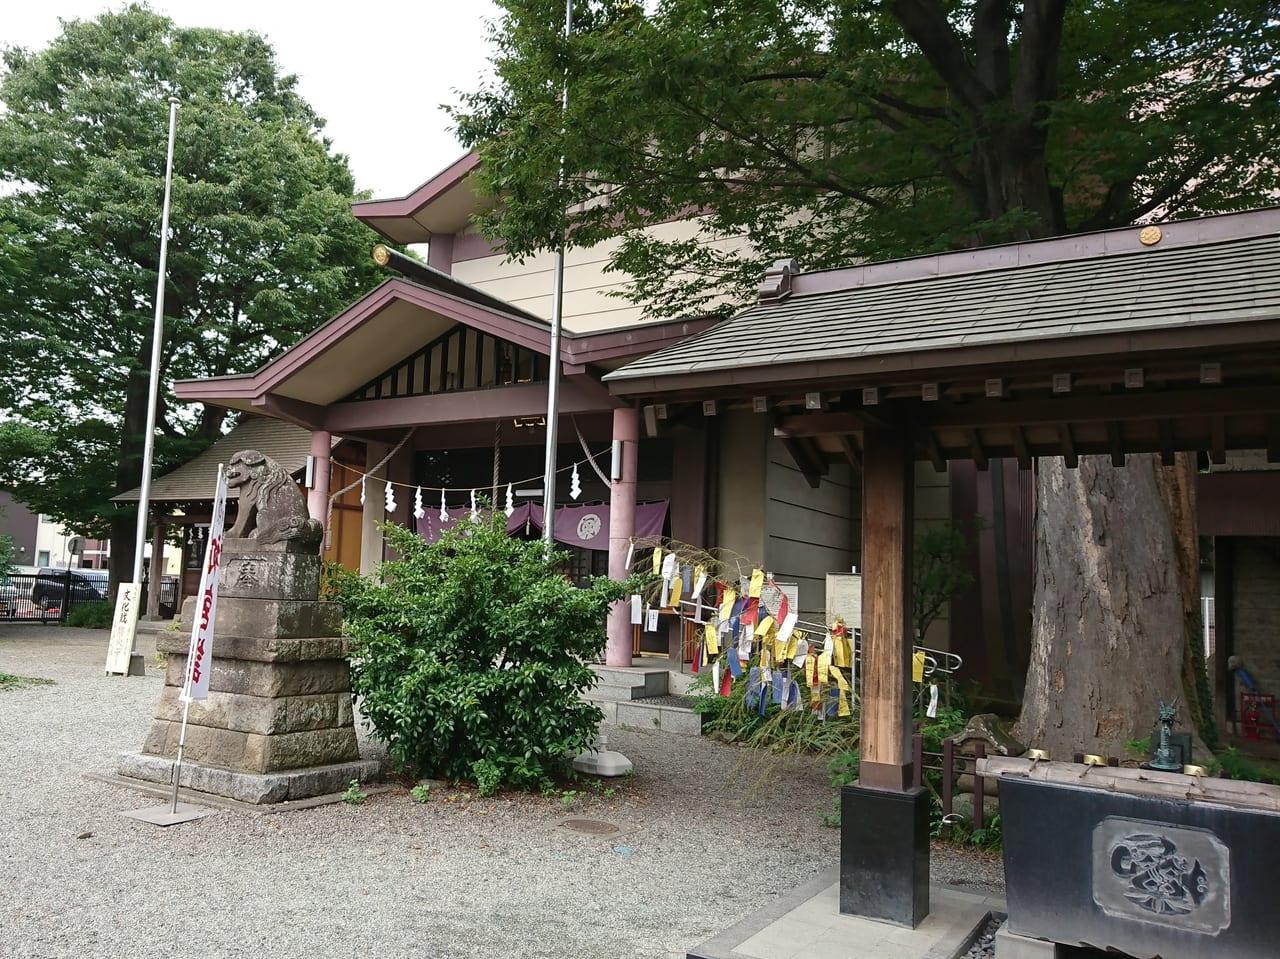 2019年7月短冊をつけた笹がある八坂神社